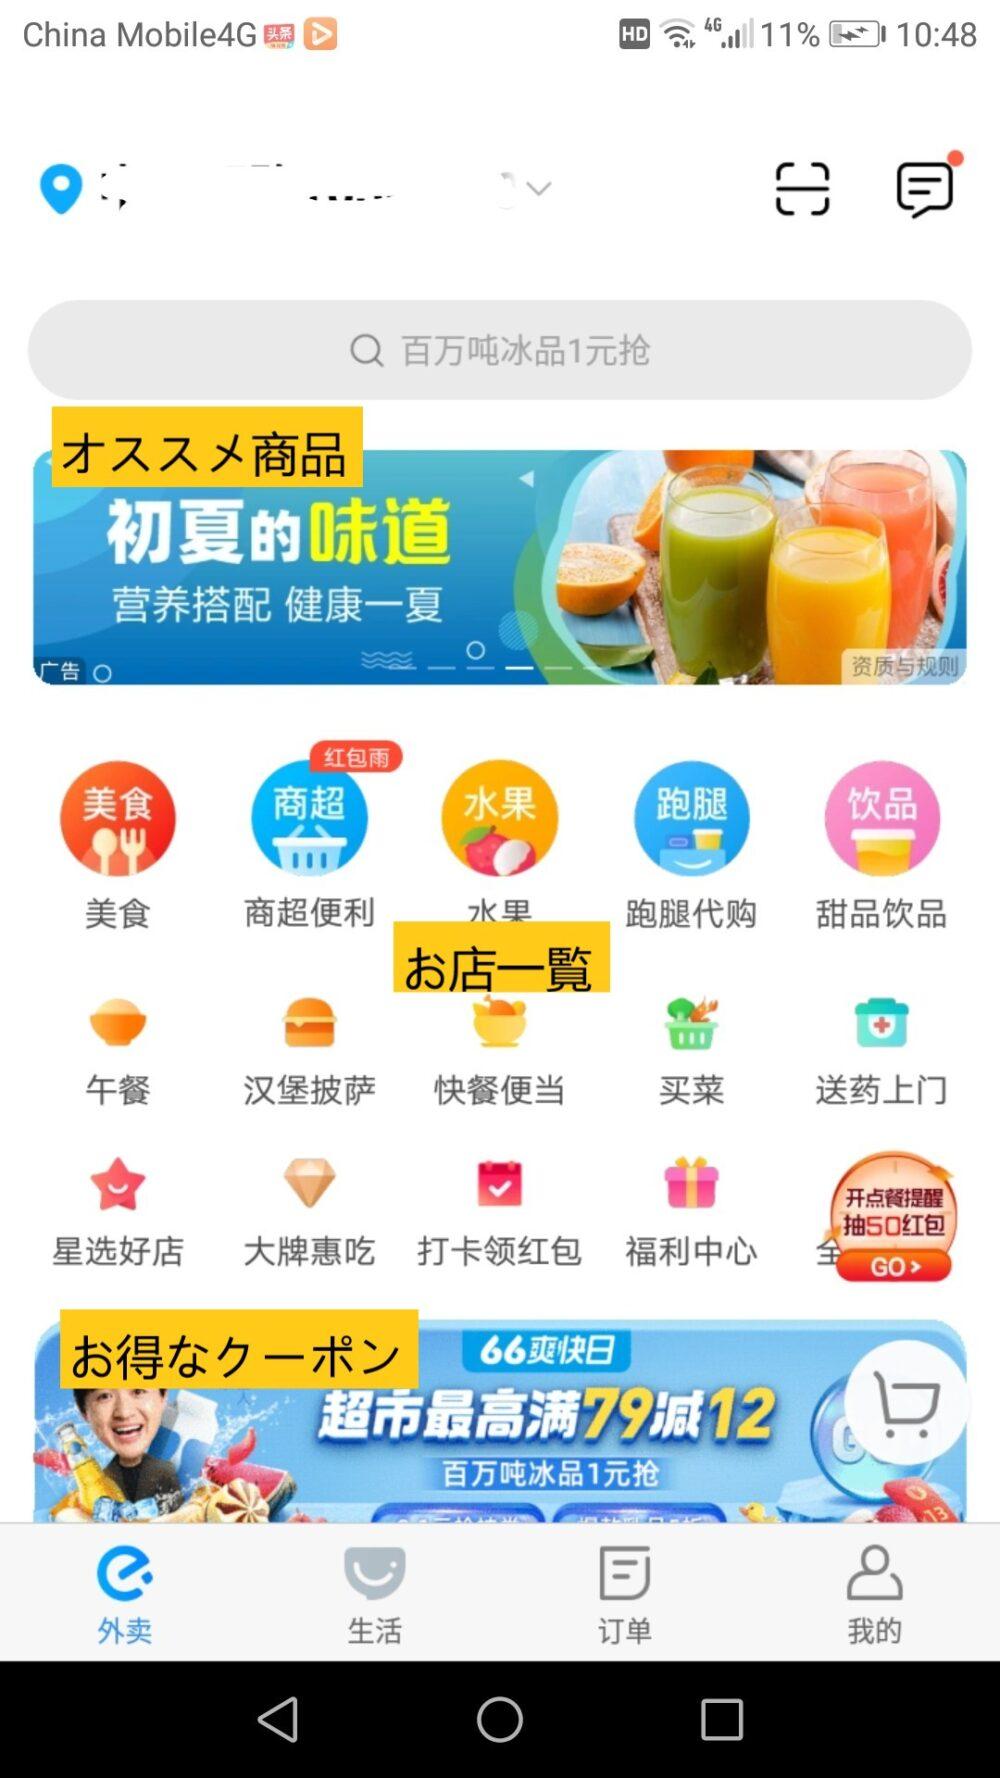 フードデリバリーアプリの饿了么のトップページをスクリーンショットした画像